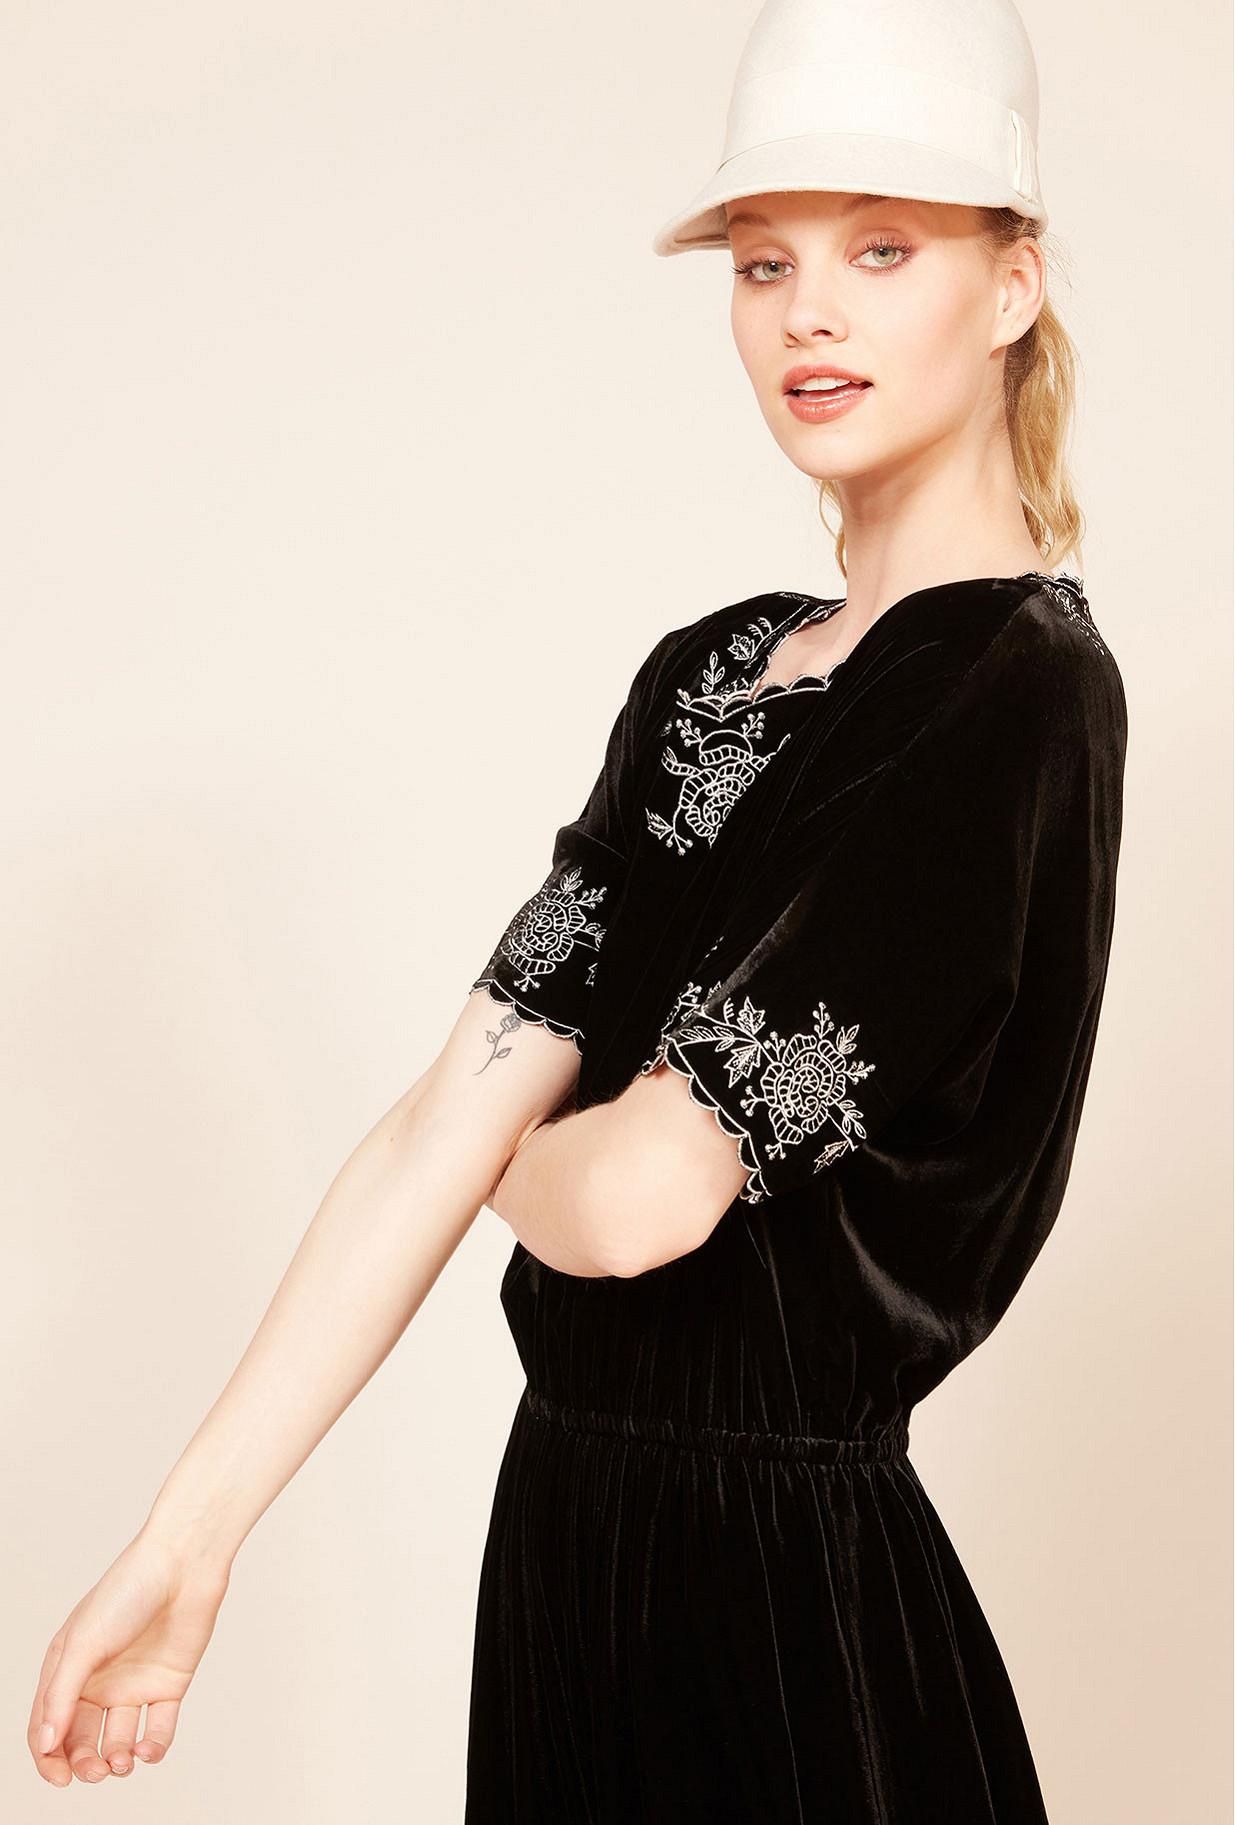 Black  Dress  May Mes demoiselles fashion clothes designer Paris